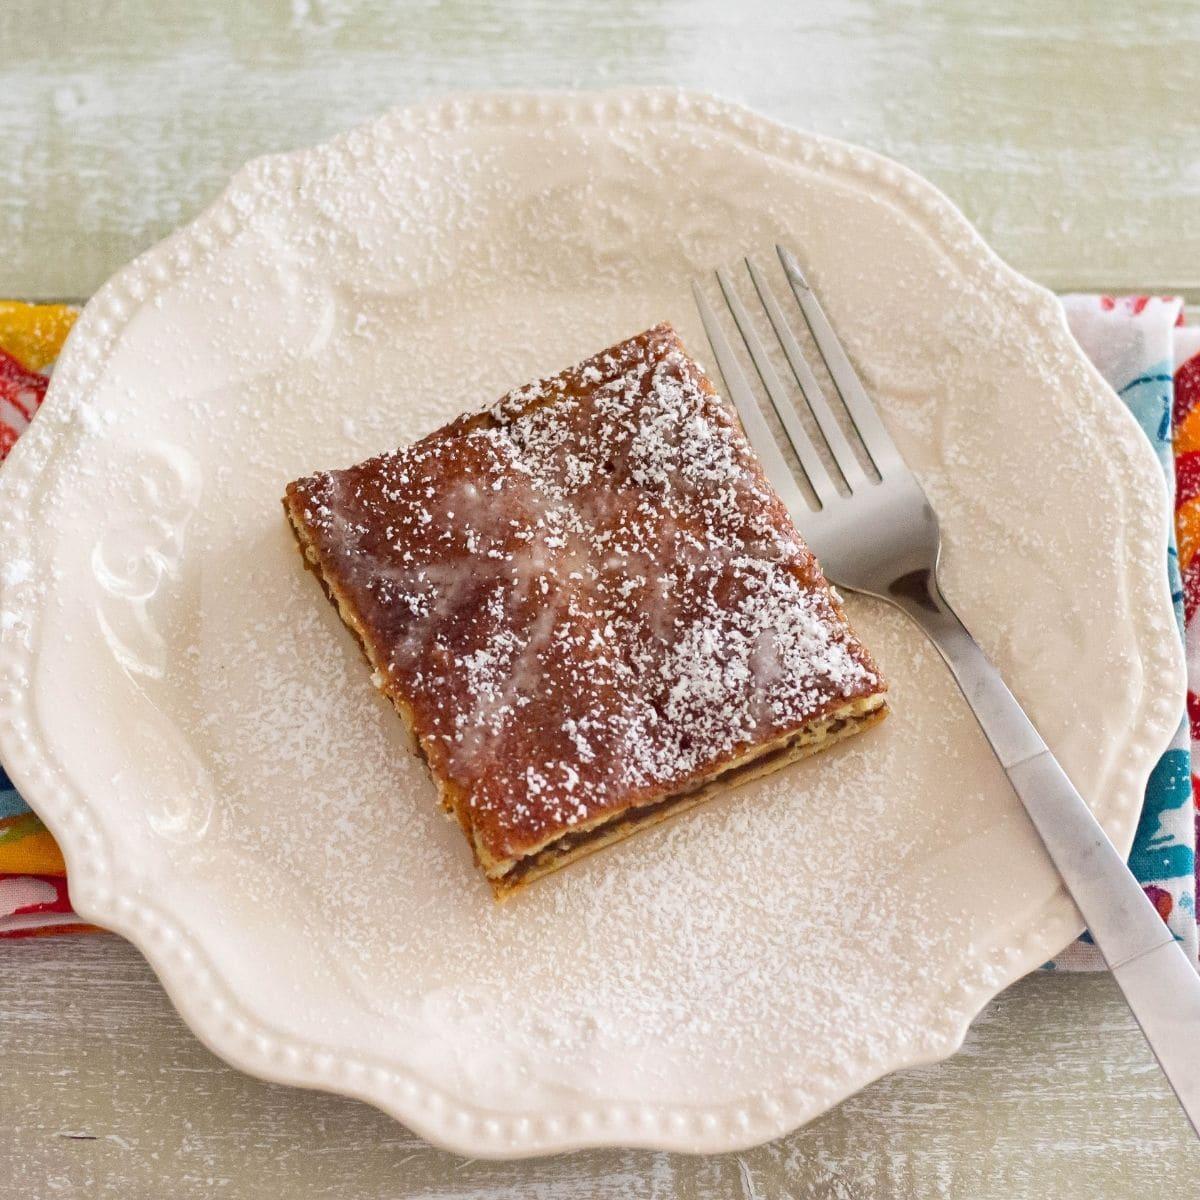 A square piece of pumpkin butter crescent bars on a dessert plate.